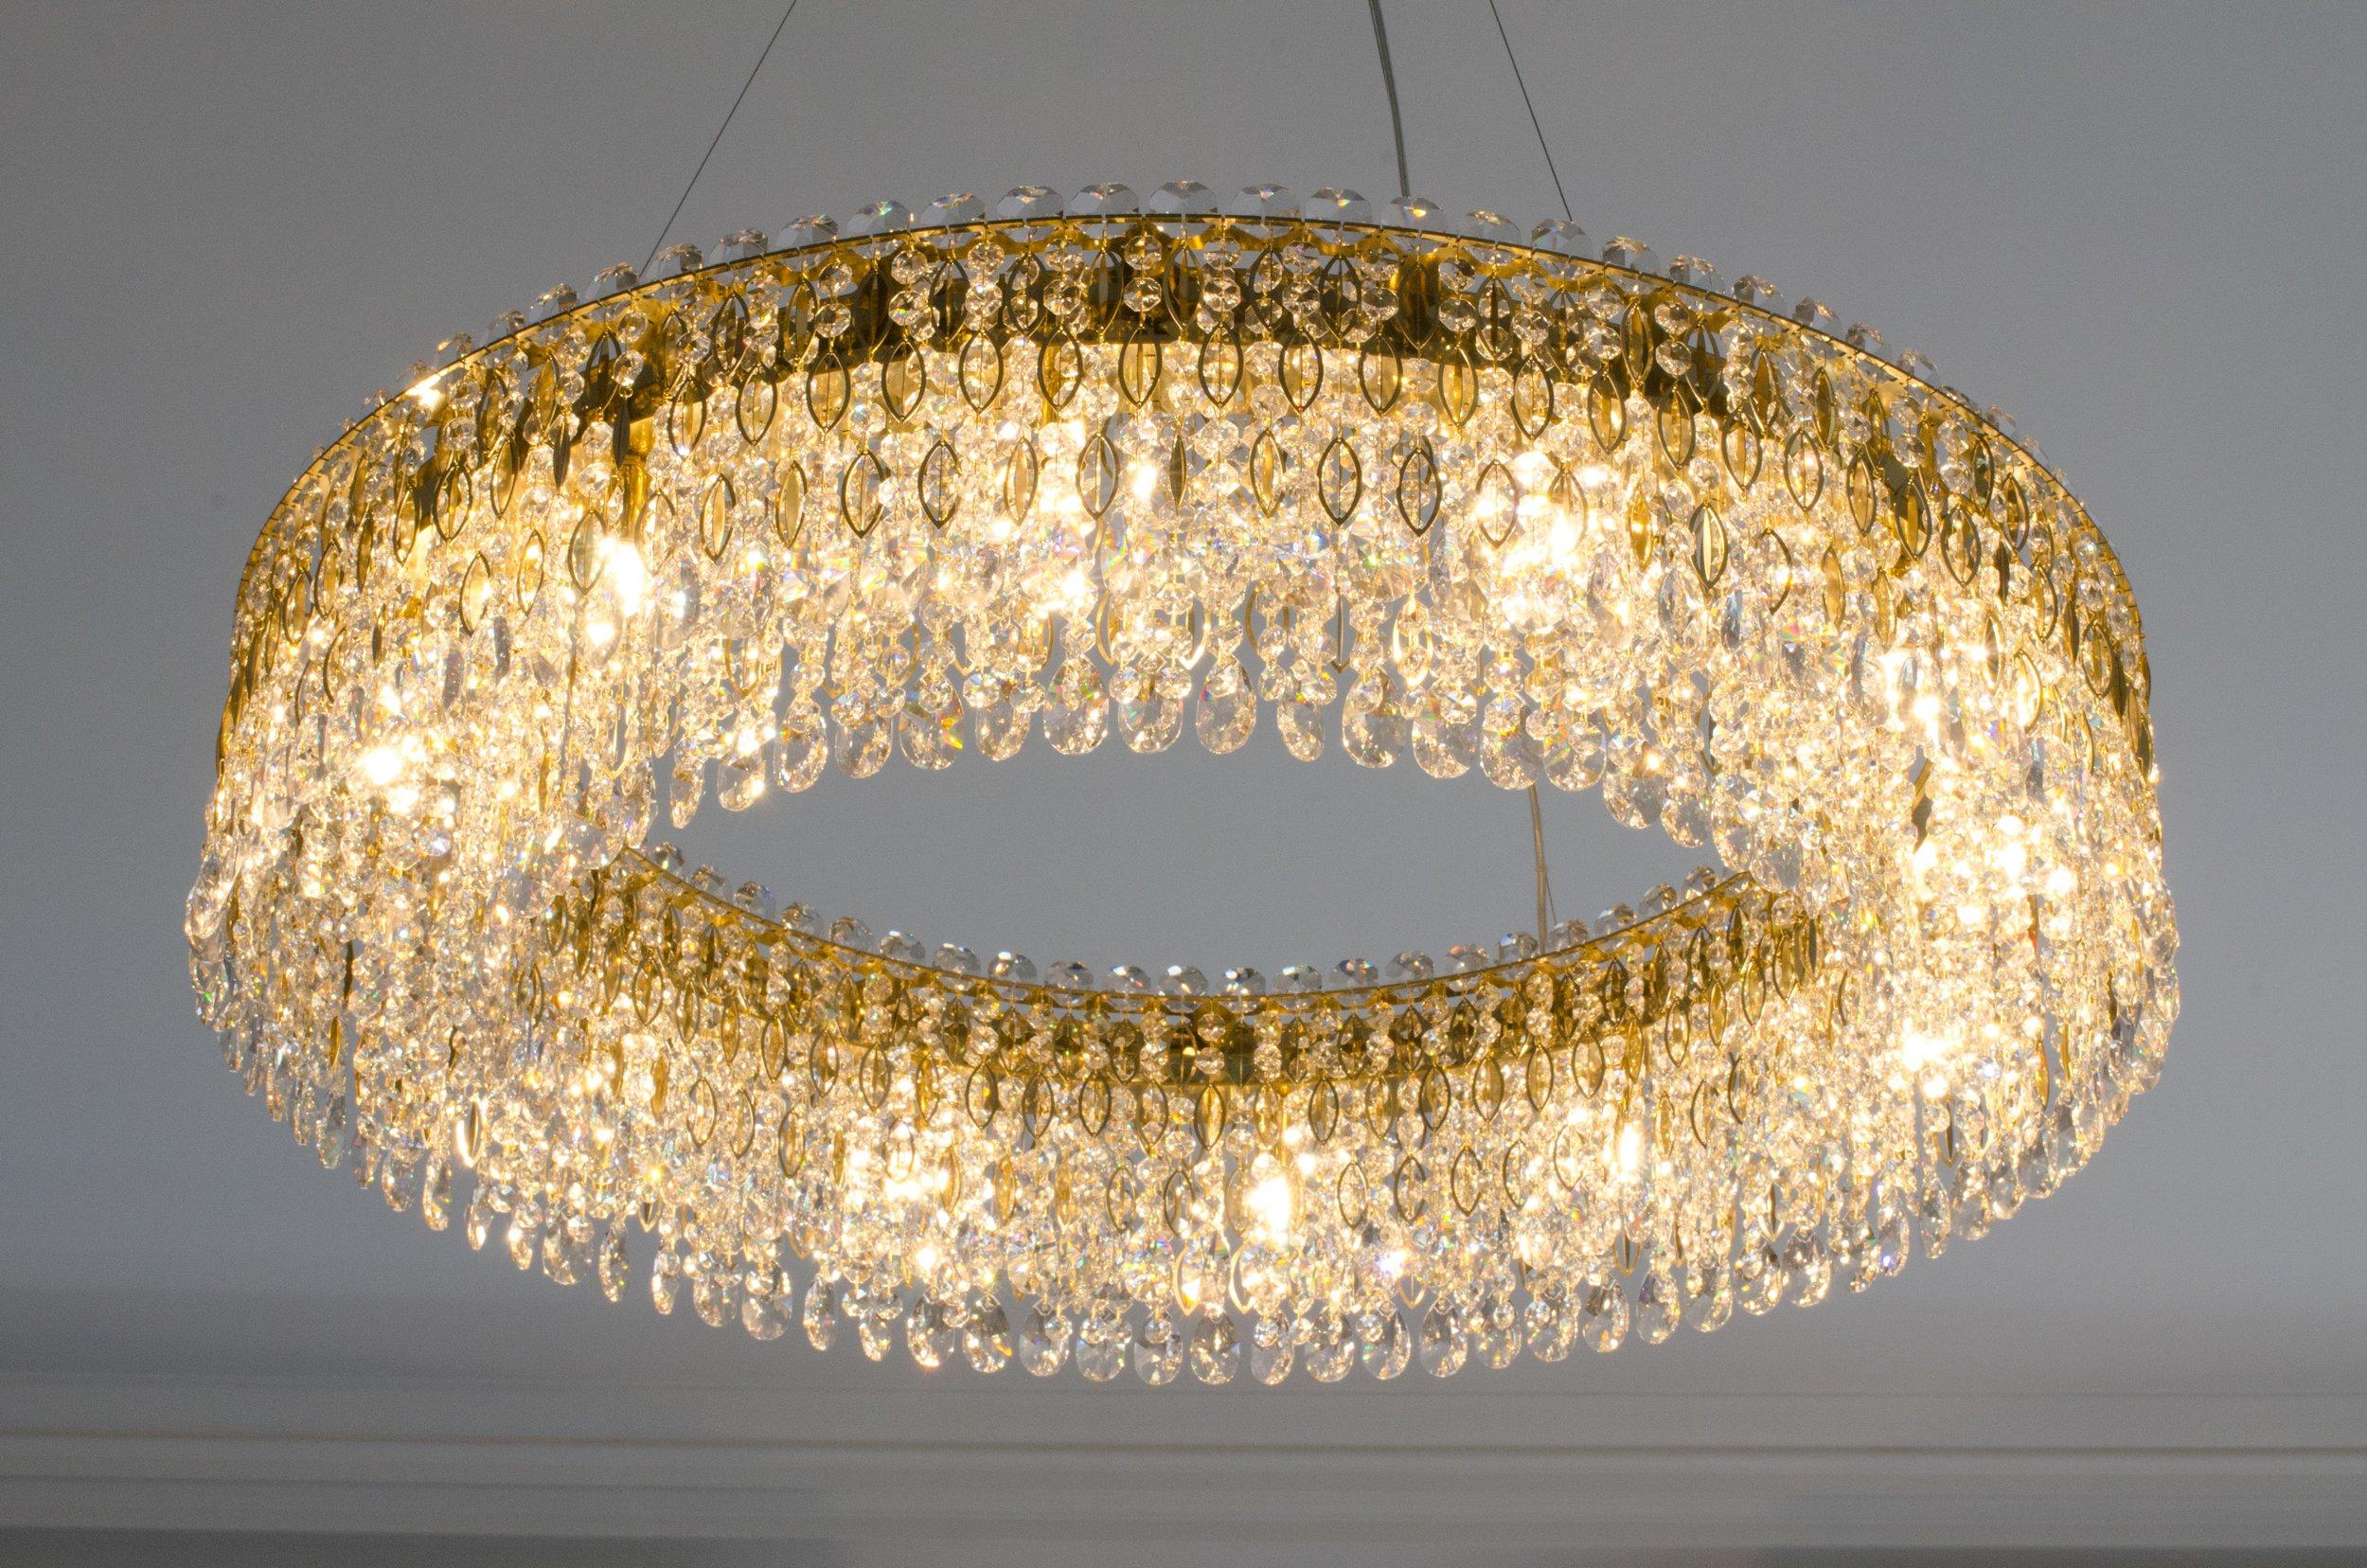 private-apartment-united-kingdom-wranovsky-crystal-chandelier-2.jpg